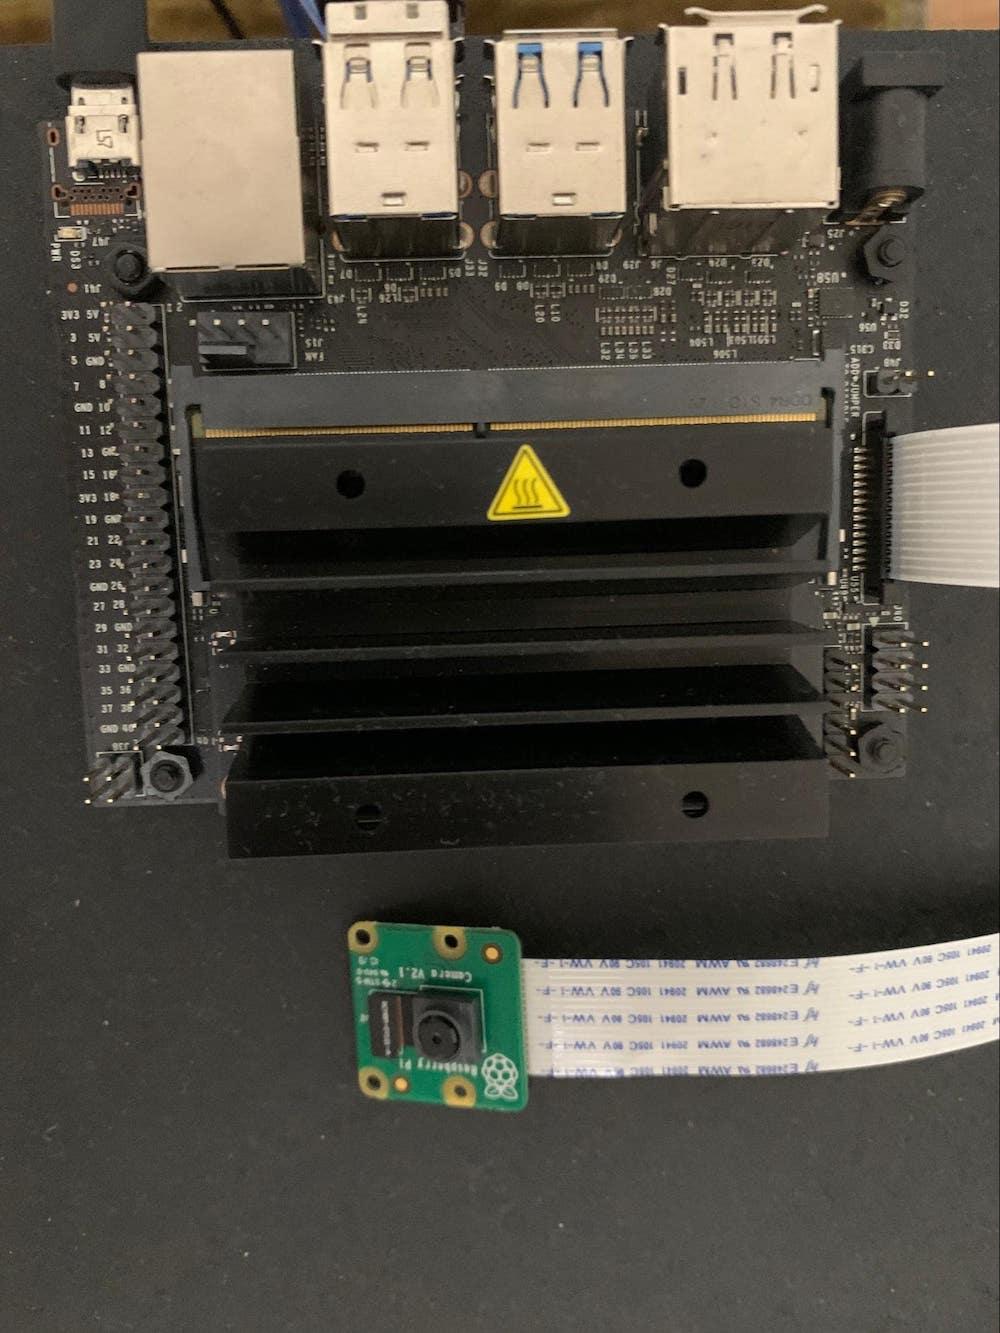 Raspberry Pi Camera Module v2 with Jetson Nano Developer Kit